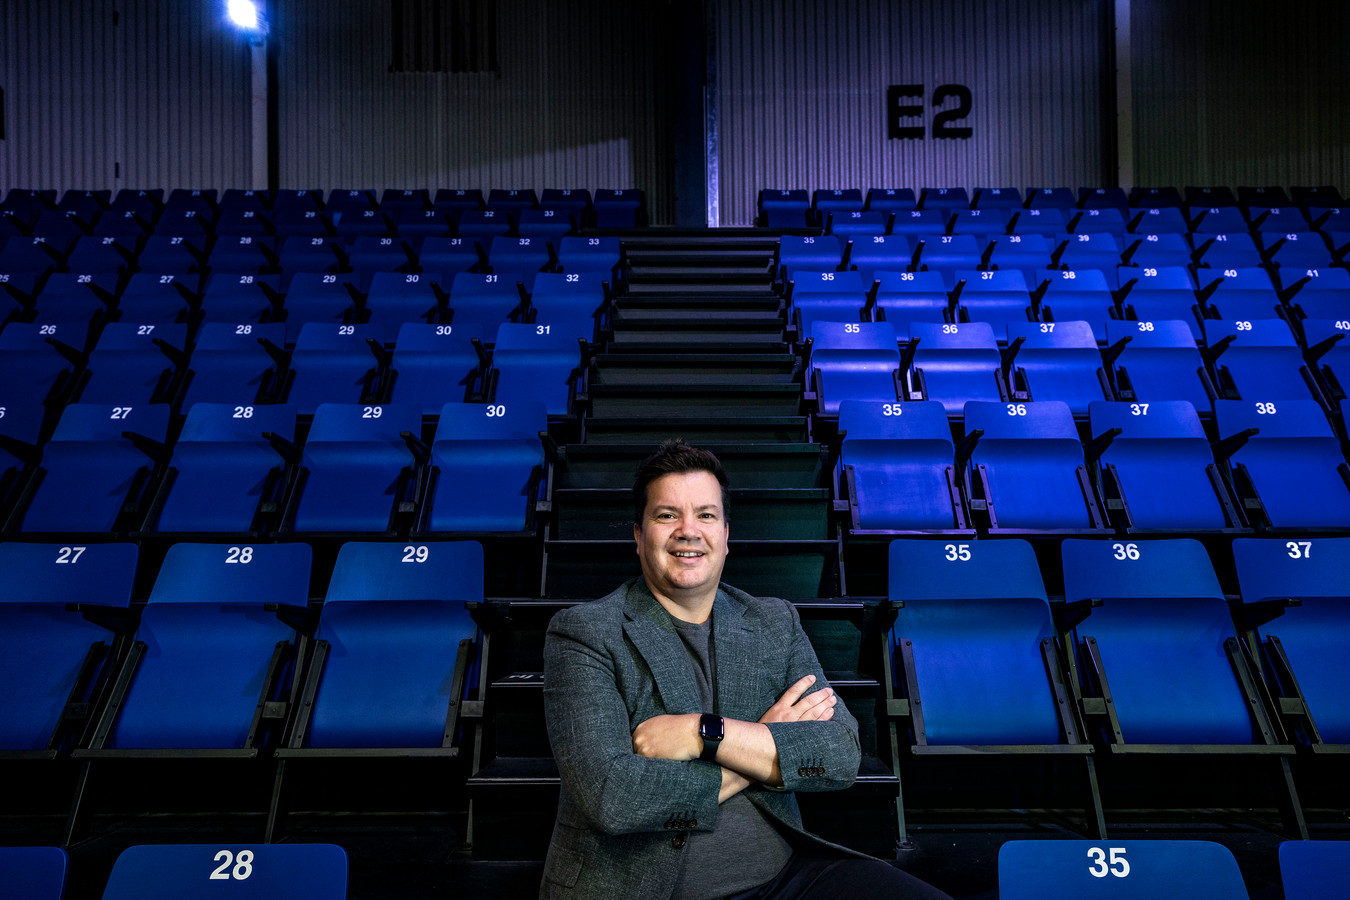 Bob van Oosterhout op de tribune van Den Bosch Heroes, waar hij eigenaar van is.